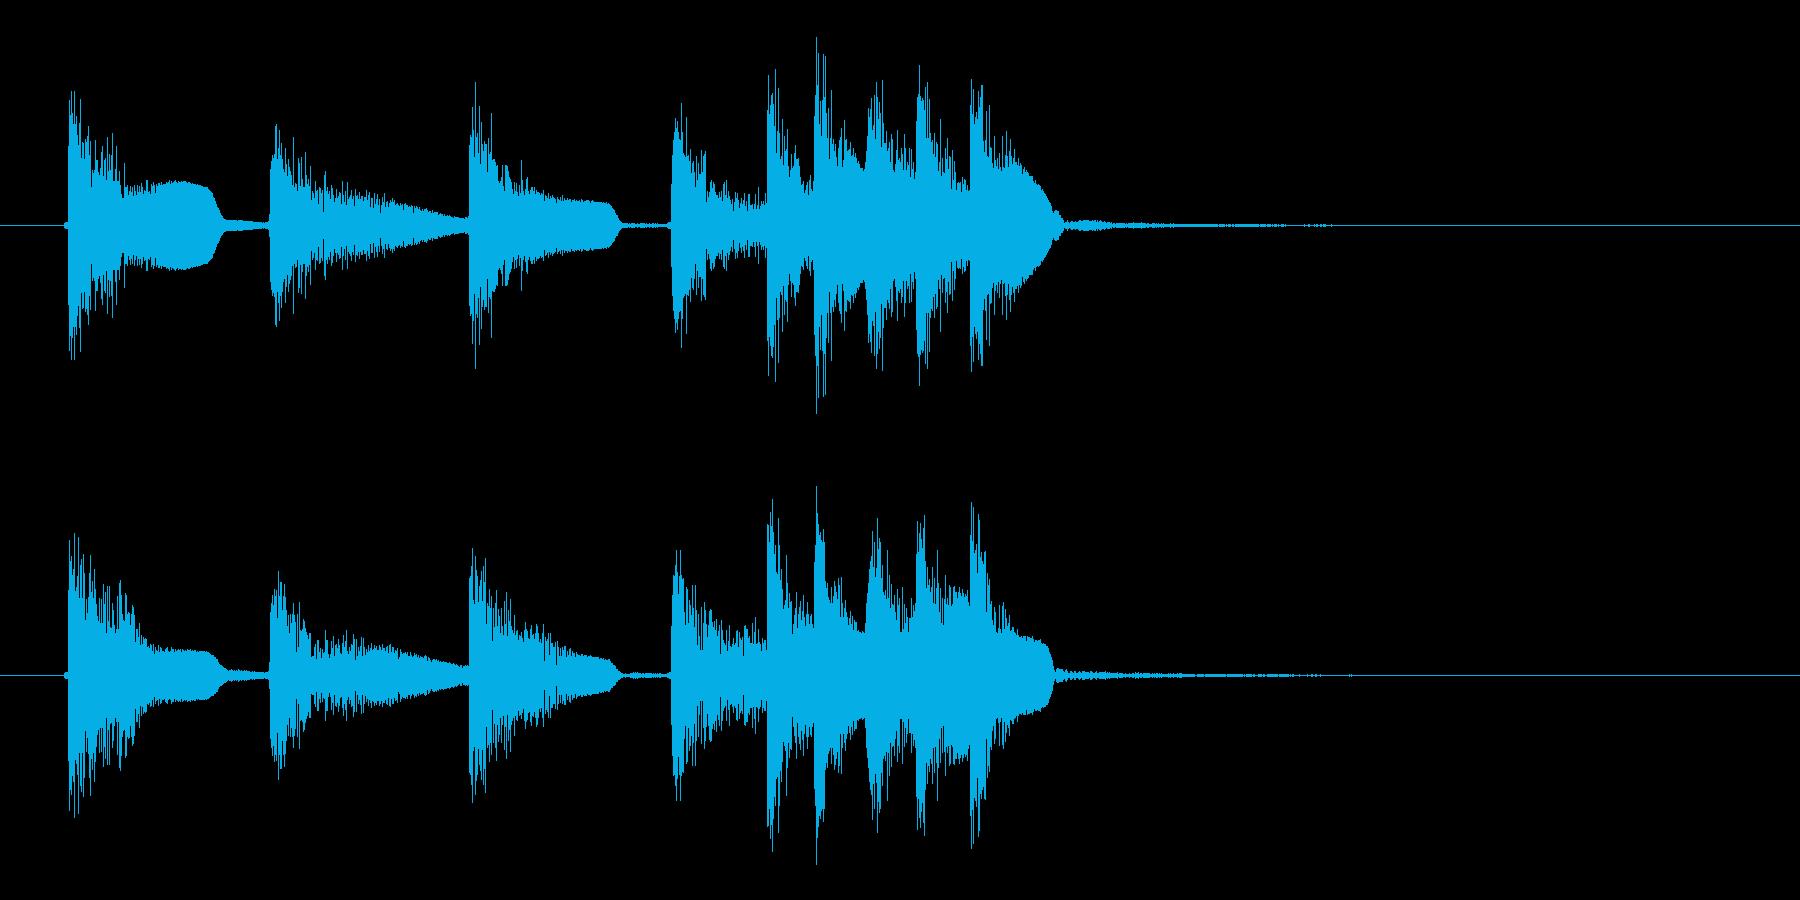 カンコン!カンコン!金属音の再生済みの波形